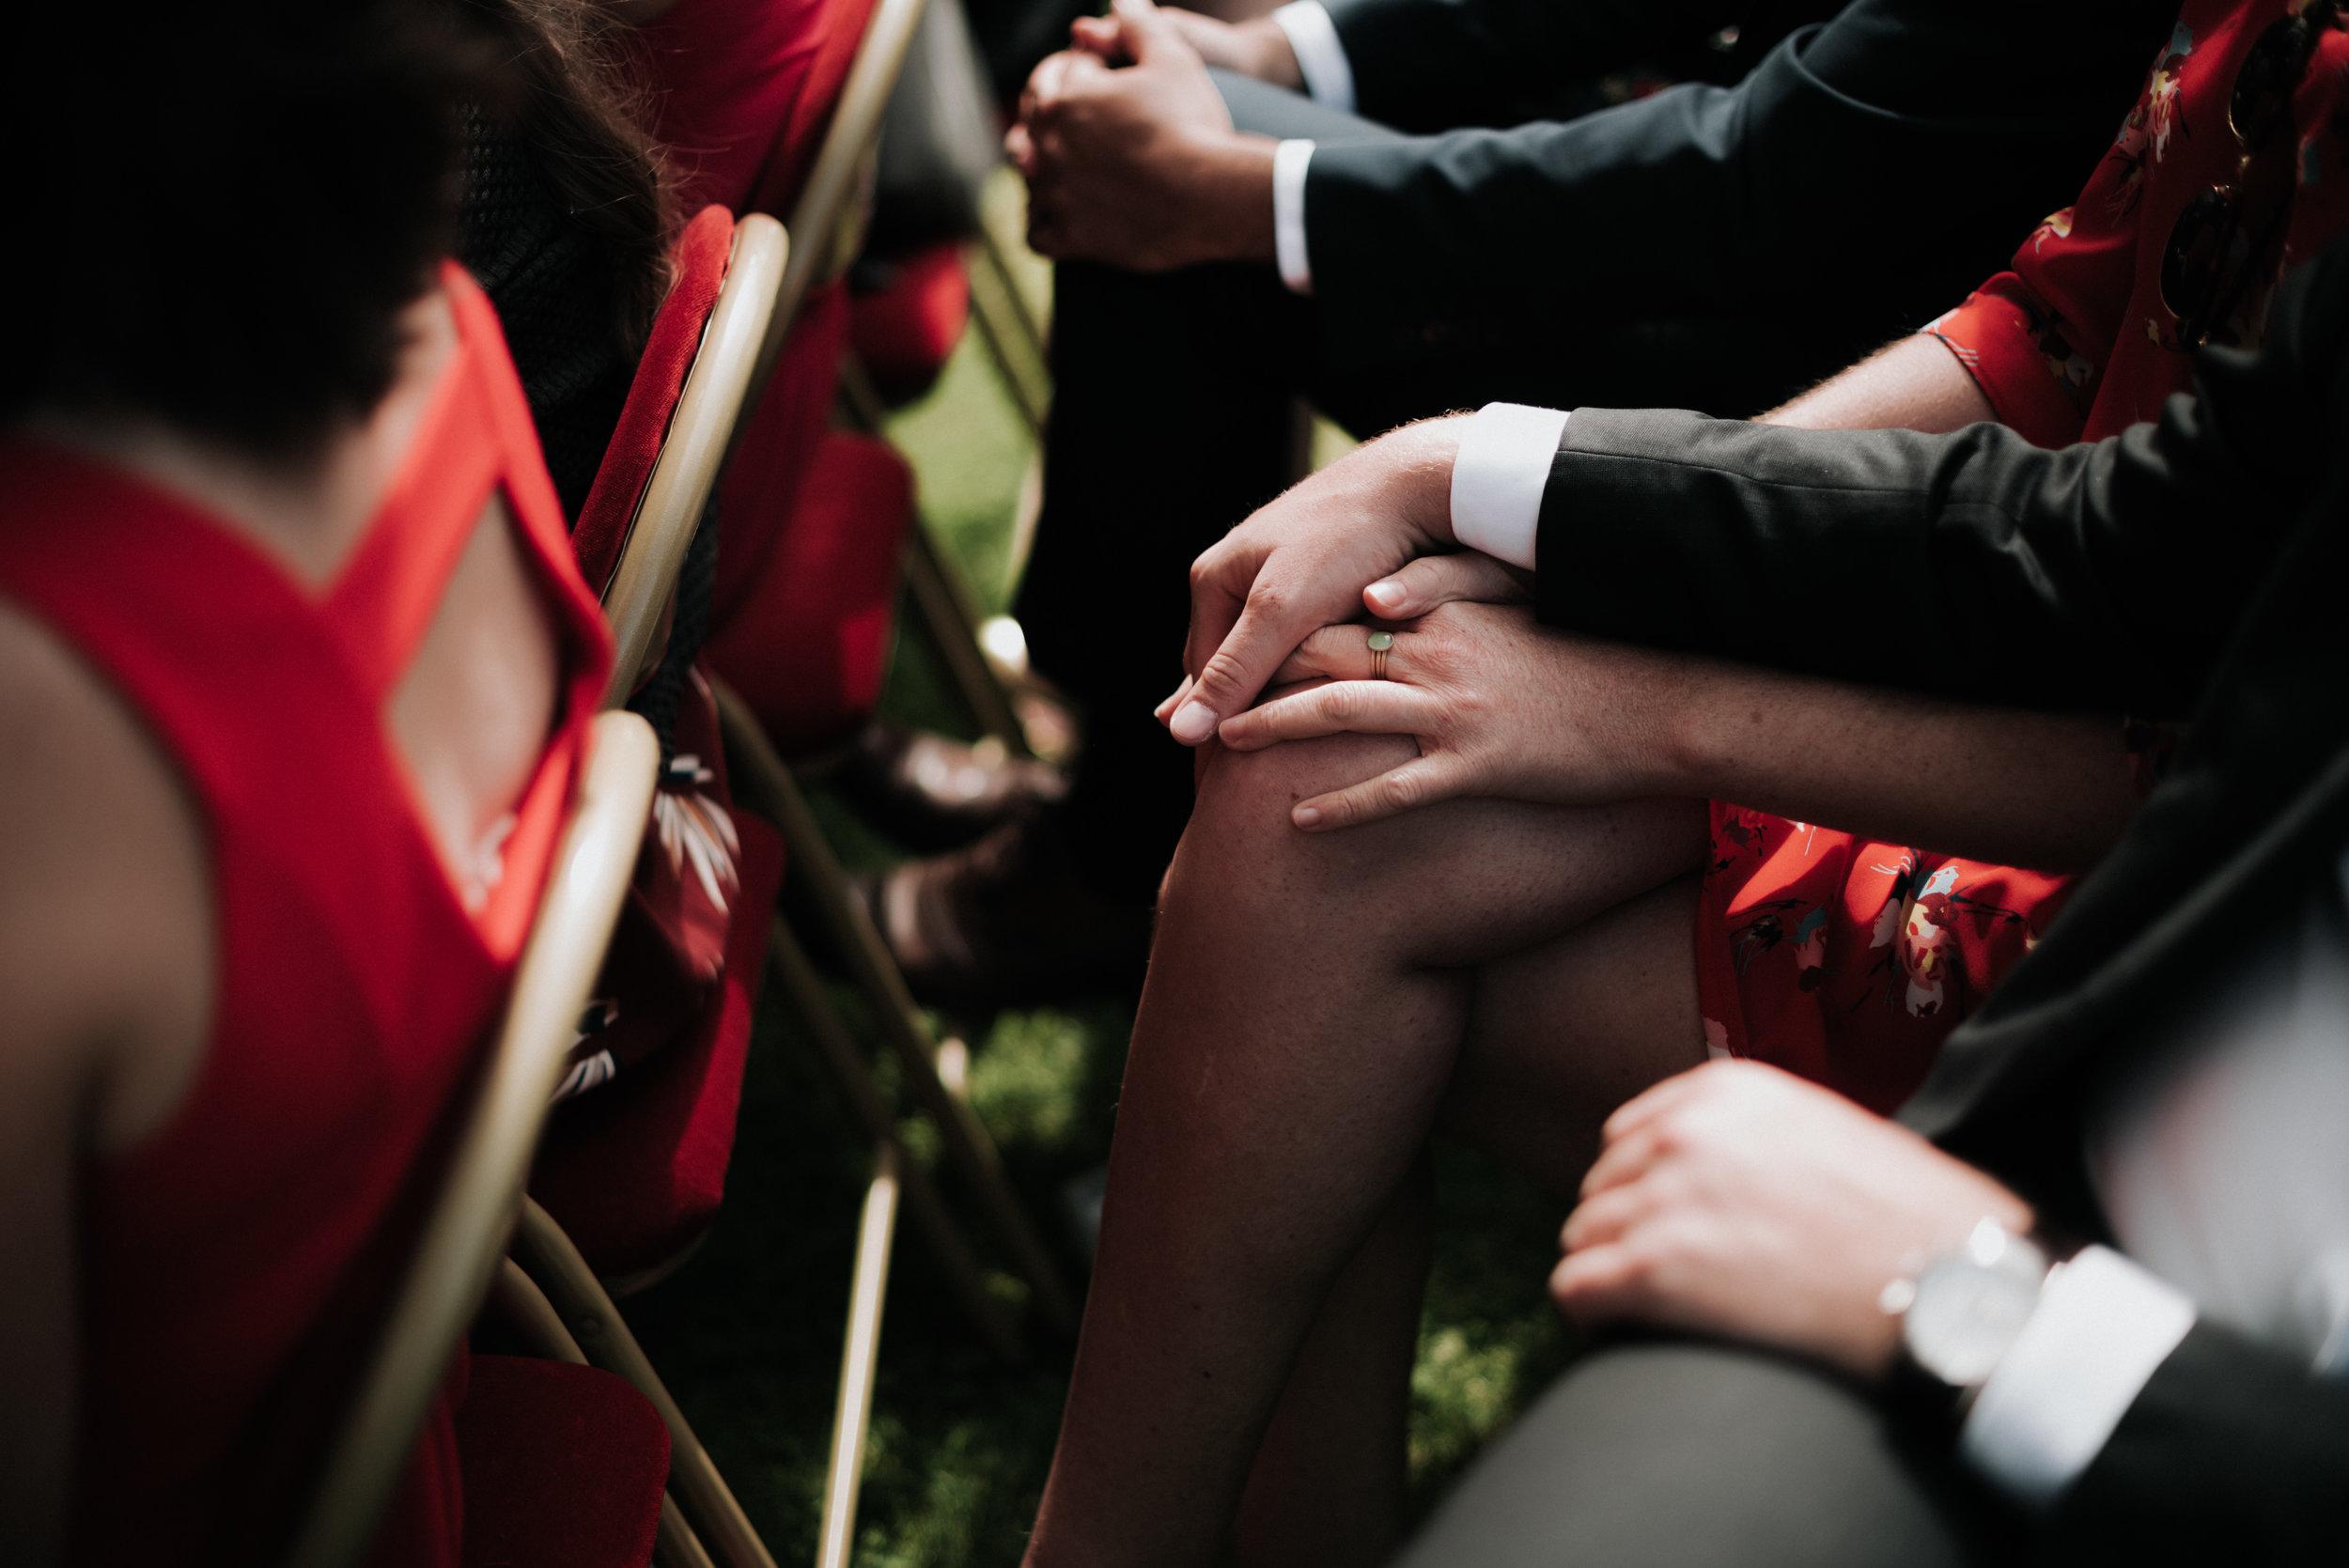 Léa-Fery-photographe-professionnel-lyon-rhone-alpes-portrait-creation-mariage-evenement-evenementiel-famille-5551.jpg